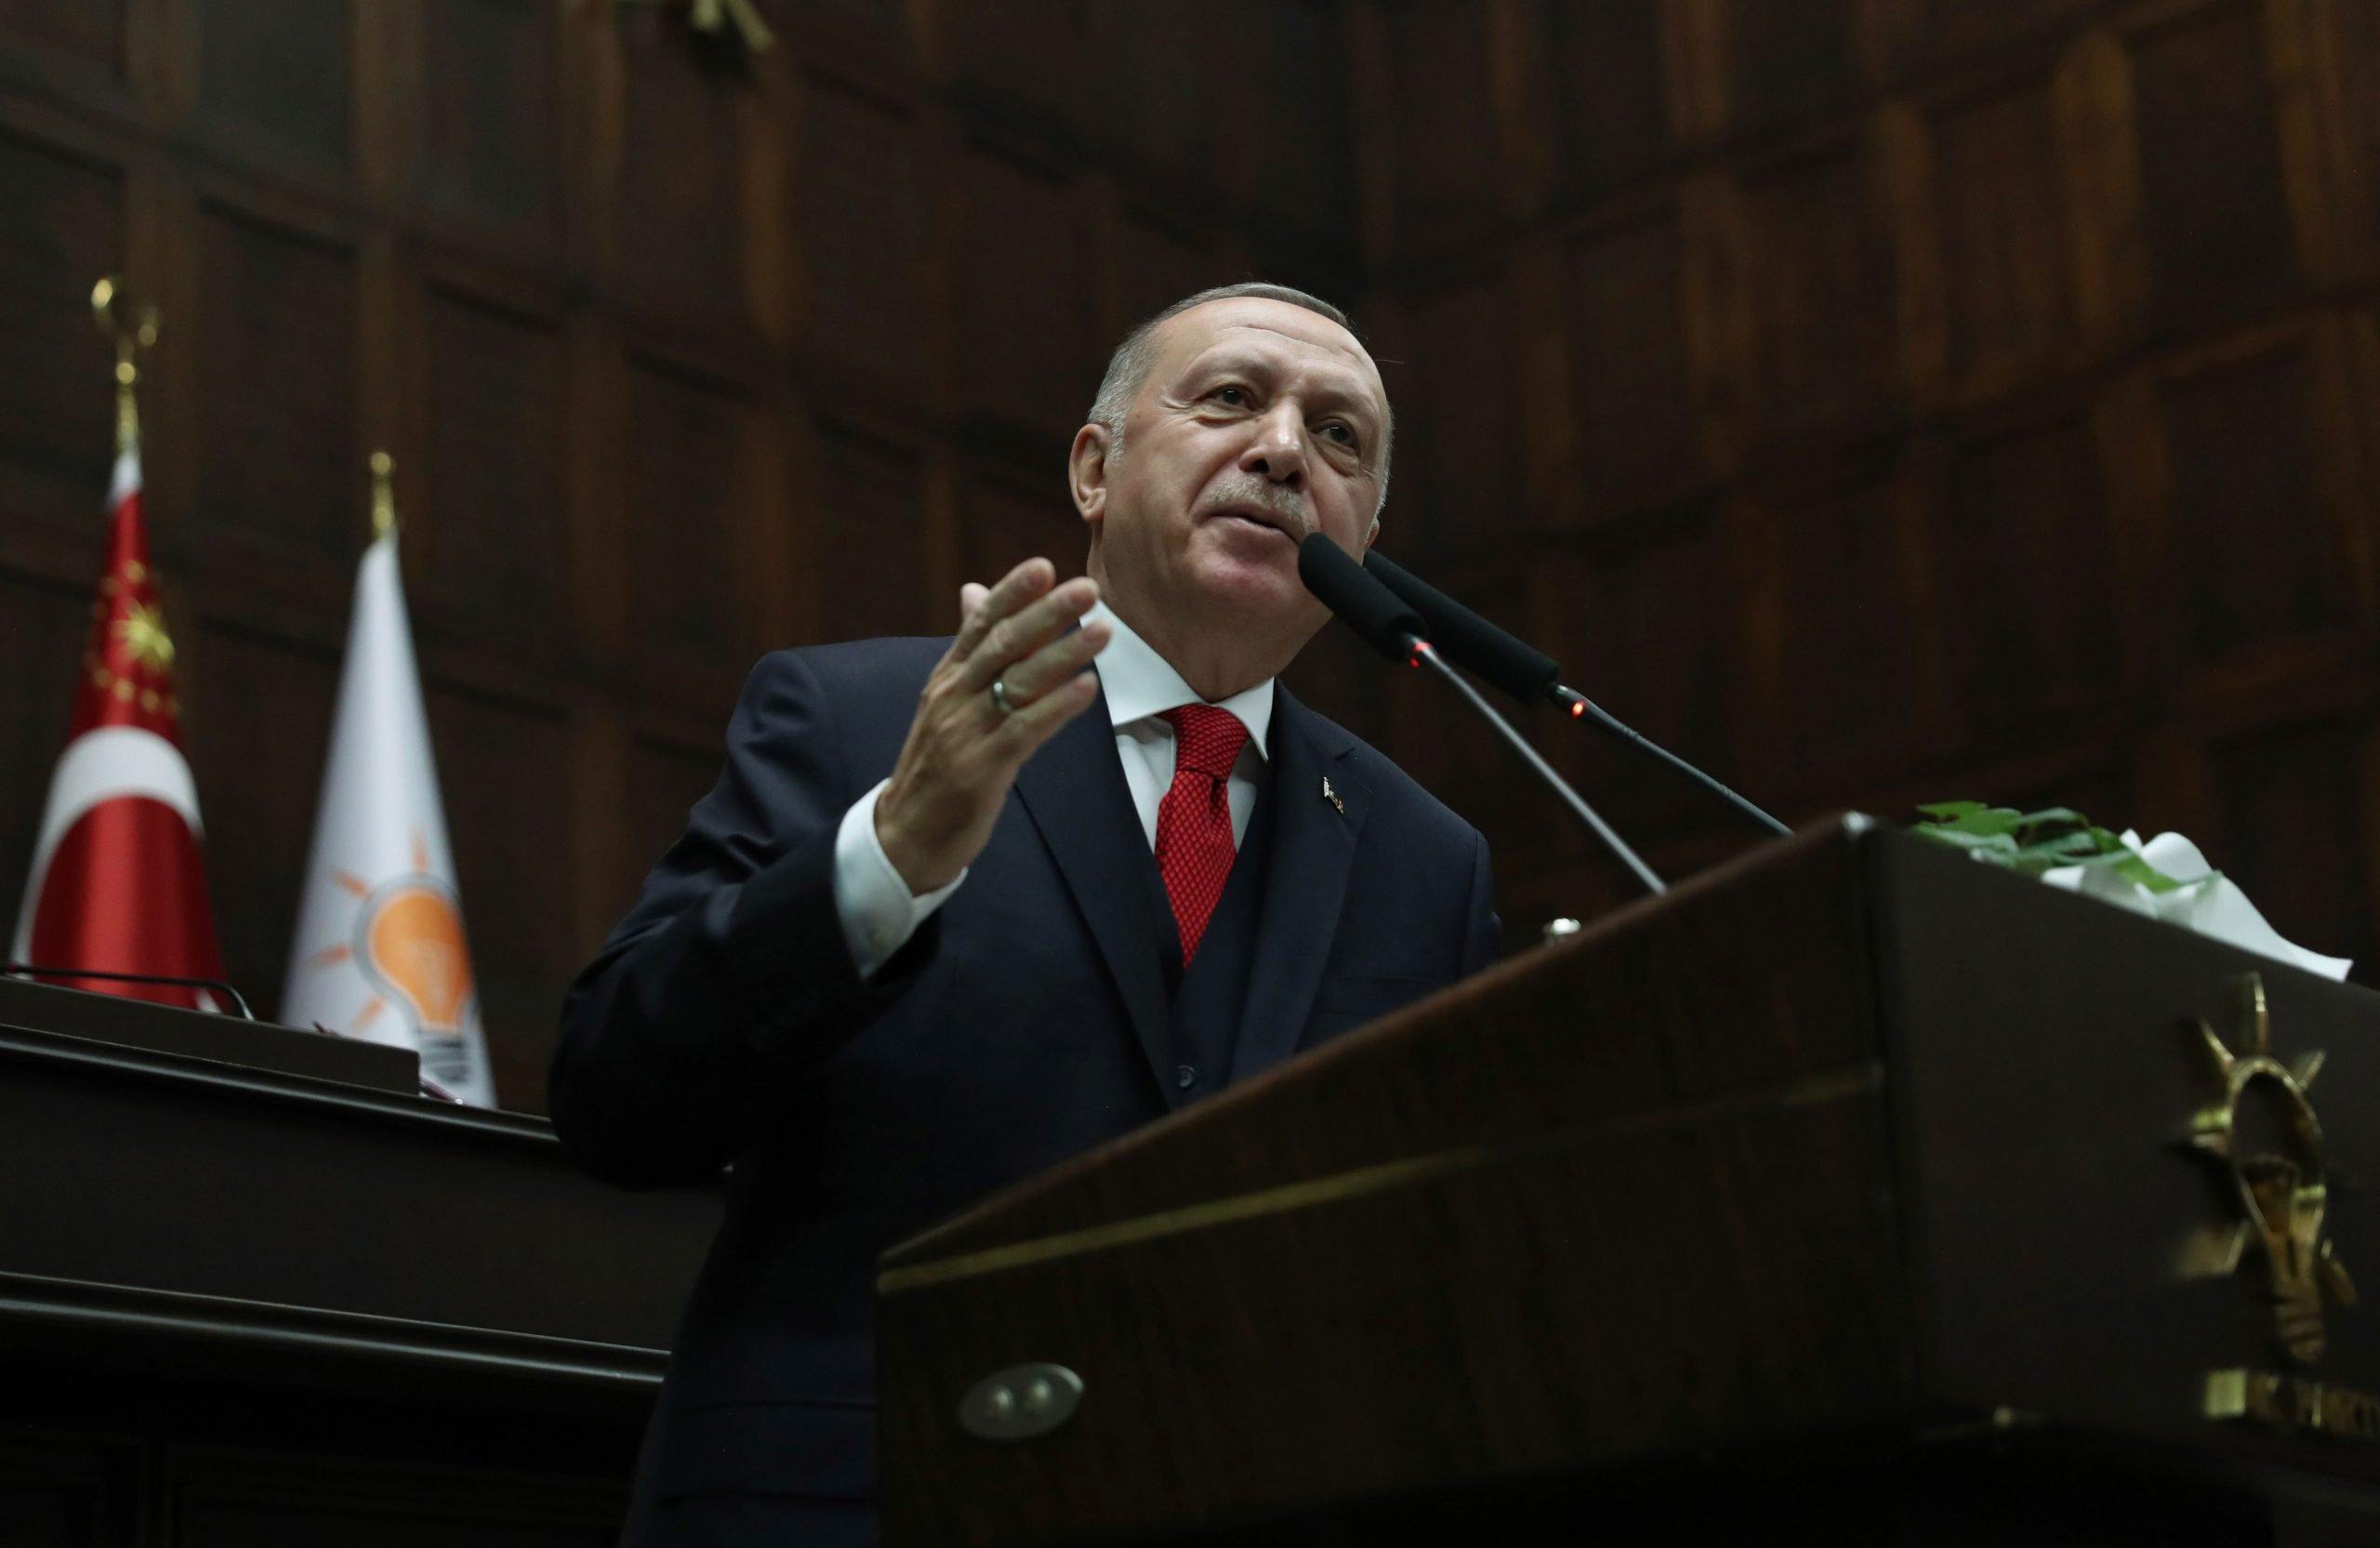 Παραλήρημα Ερντογάν: «Ανοιχτές οι πόρτες για εκατομμύρια μετανάστες»